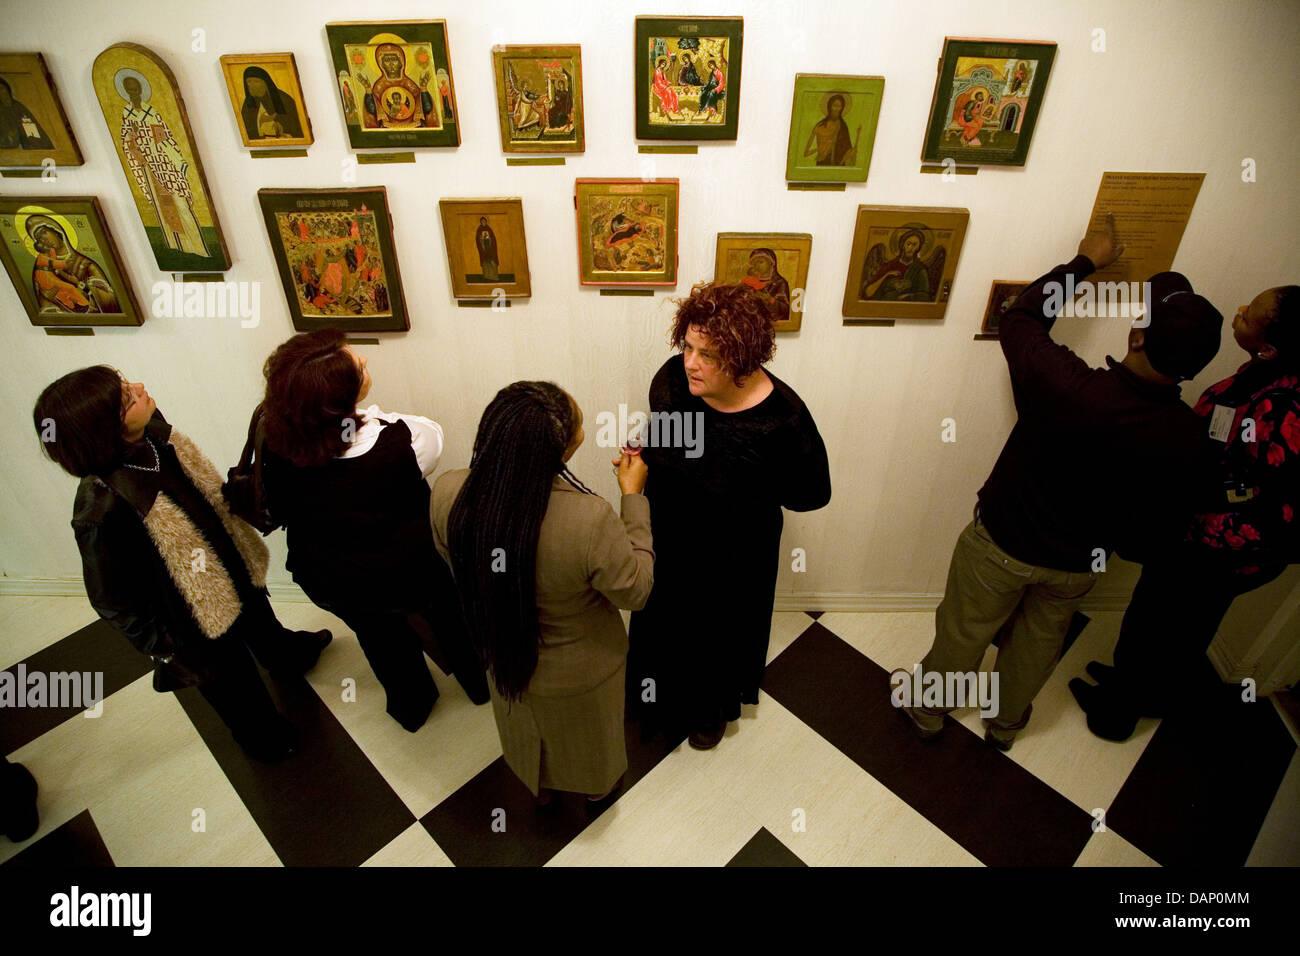 Los visitantes ver una colección privada de arte sacro en la Hazendal Wine Estate, Stellenbosch. Foto de stock